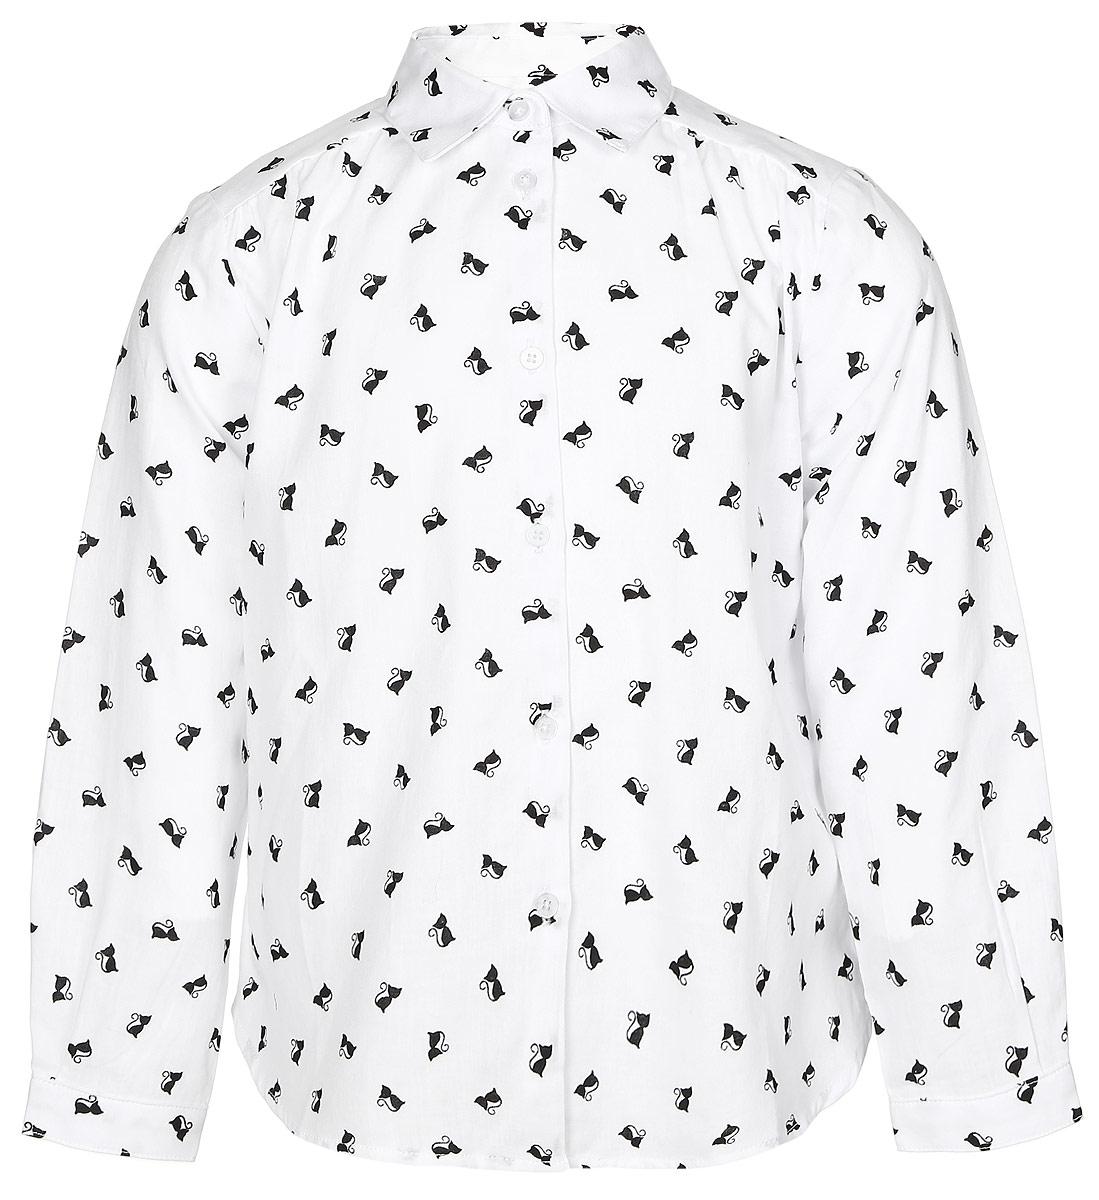 Рубашка для девочки Button Blue, цвет: белый, черный. 216BBGC22010207. Размер 110, 5 лет216BBGC22010207Стильная рубашка Button Blue выполнена из 100% хлопка. Модель свободного трапециевидного кроя с длинными рукавами и отложным воротником застегивается на пуговицы по всей длине и оформлена оригинальным принтом с изображением кошек. На манжетах предусмотрены застежки-пуговицы. Спинка немного удлинена.